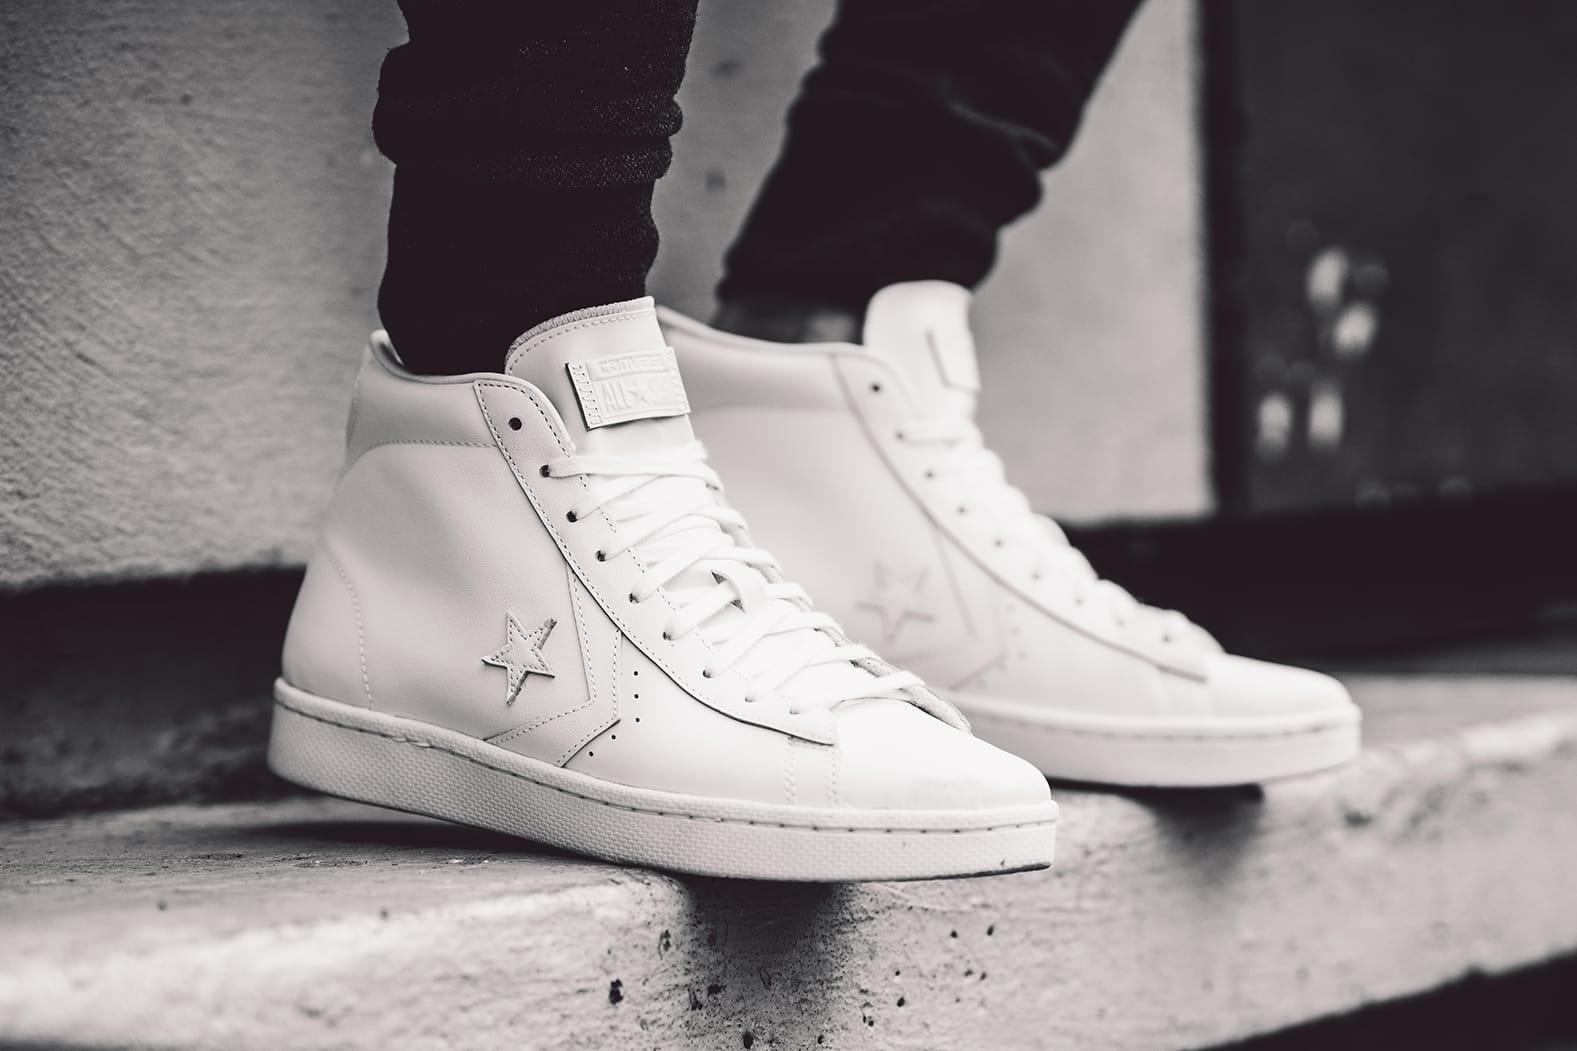 Converse Pro Leather '76 Lookbook